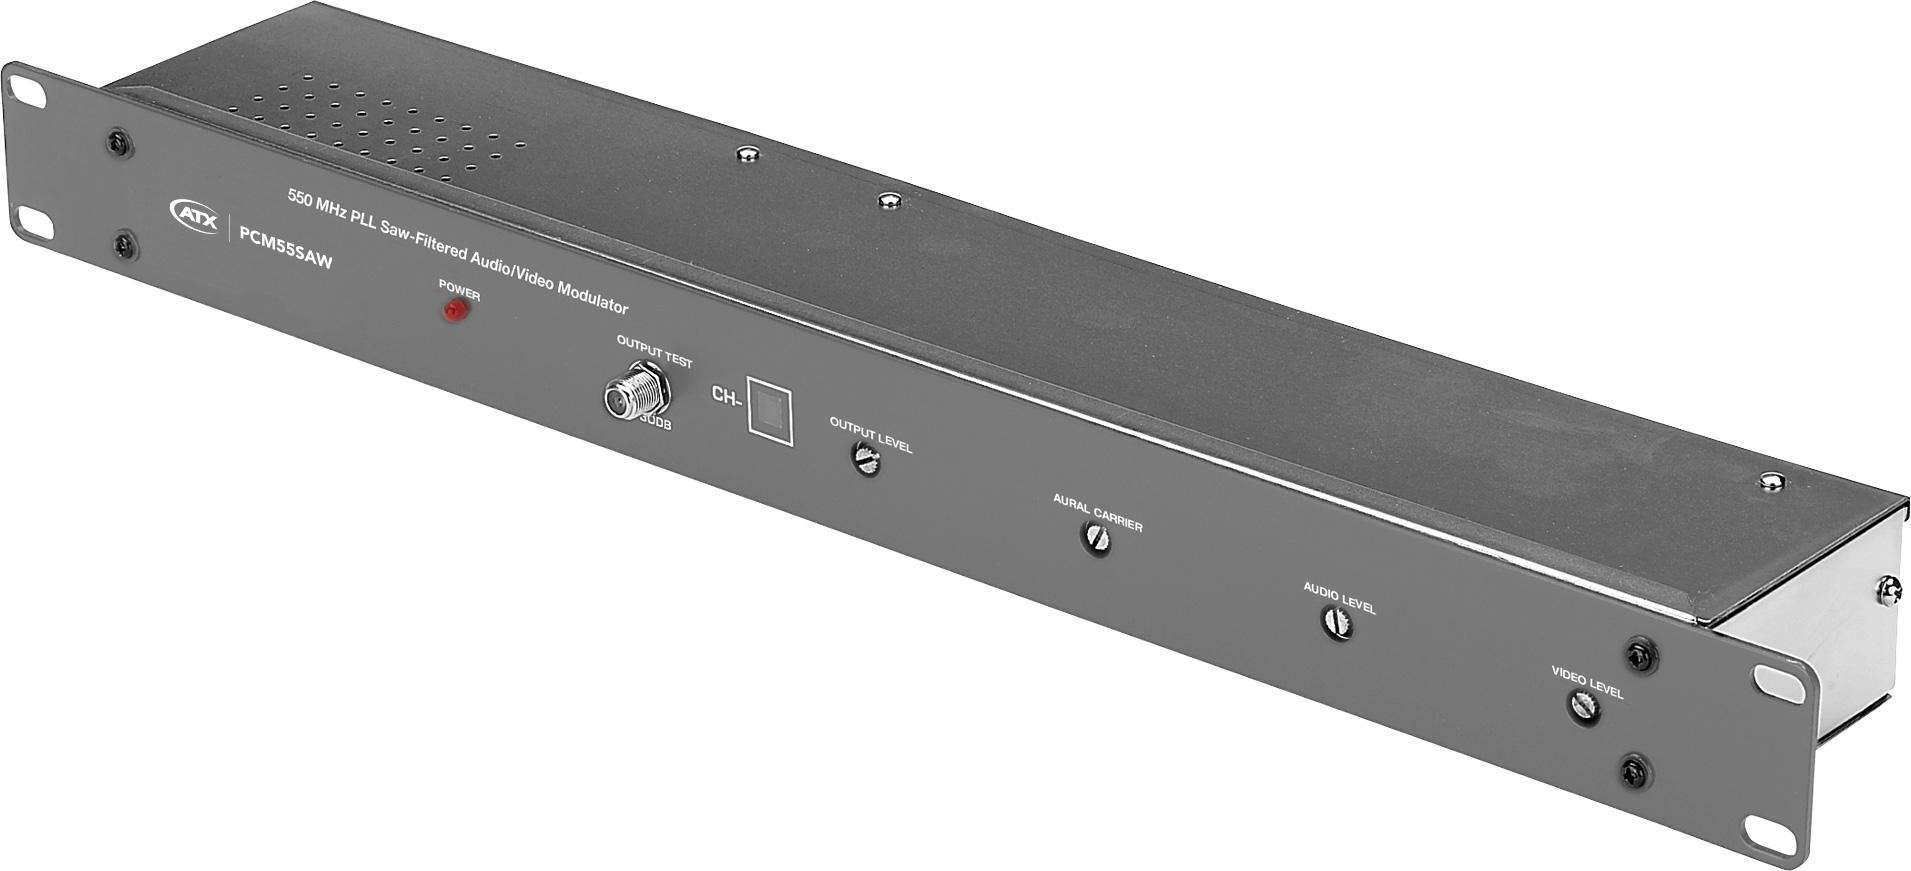 1 Channel Crystal A/V Modulator - Channel V PM-PCM55SAW-V